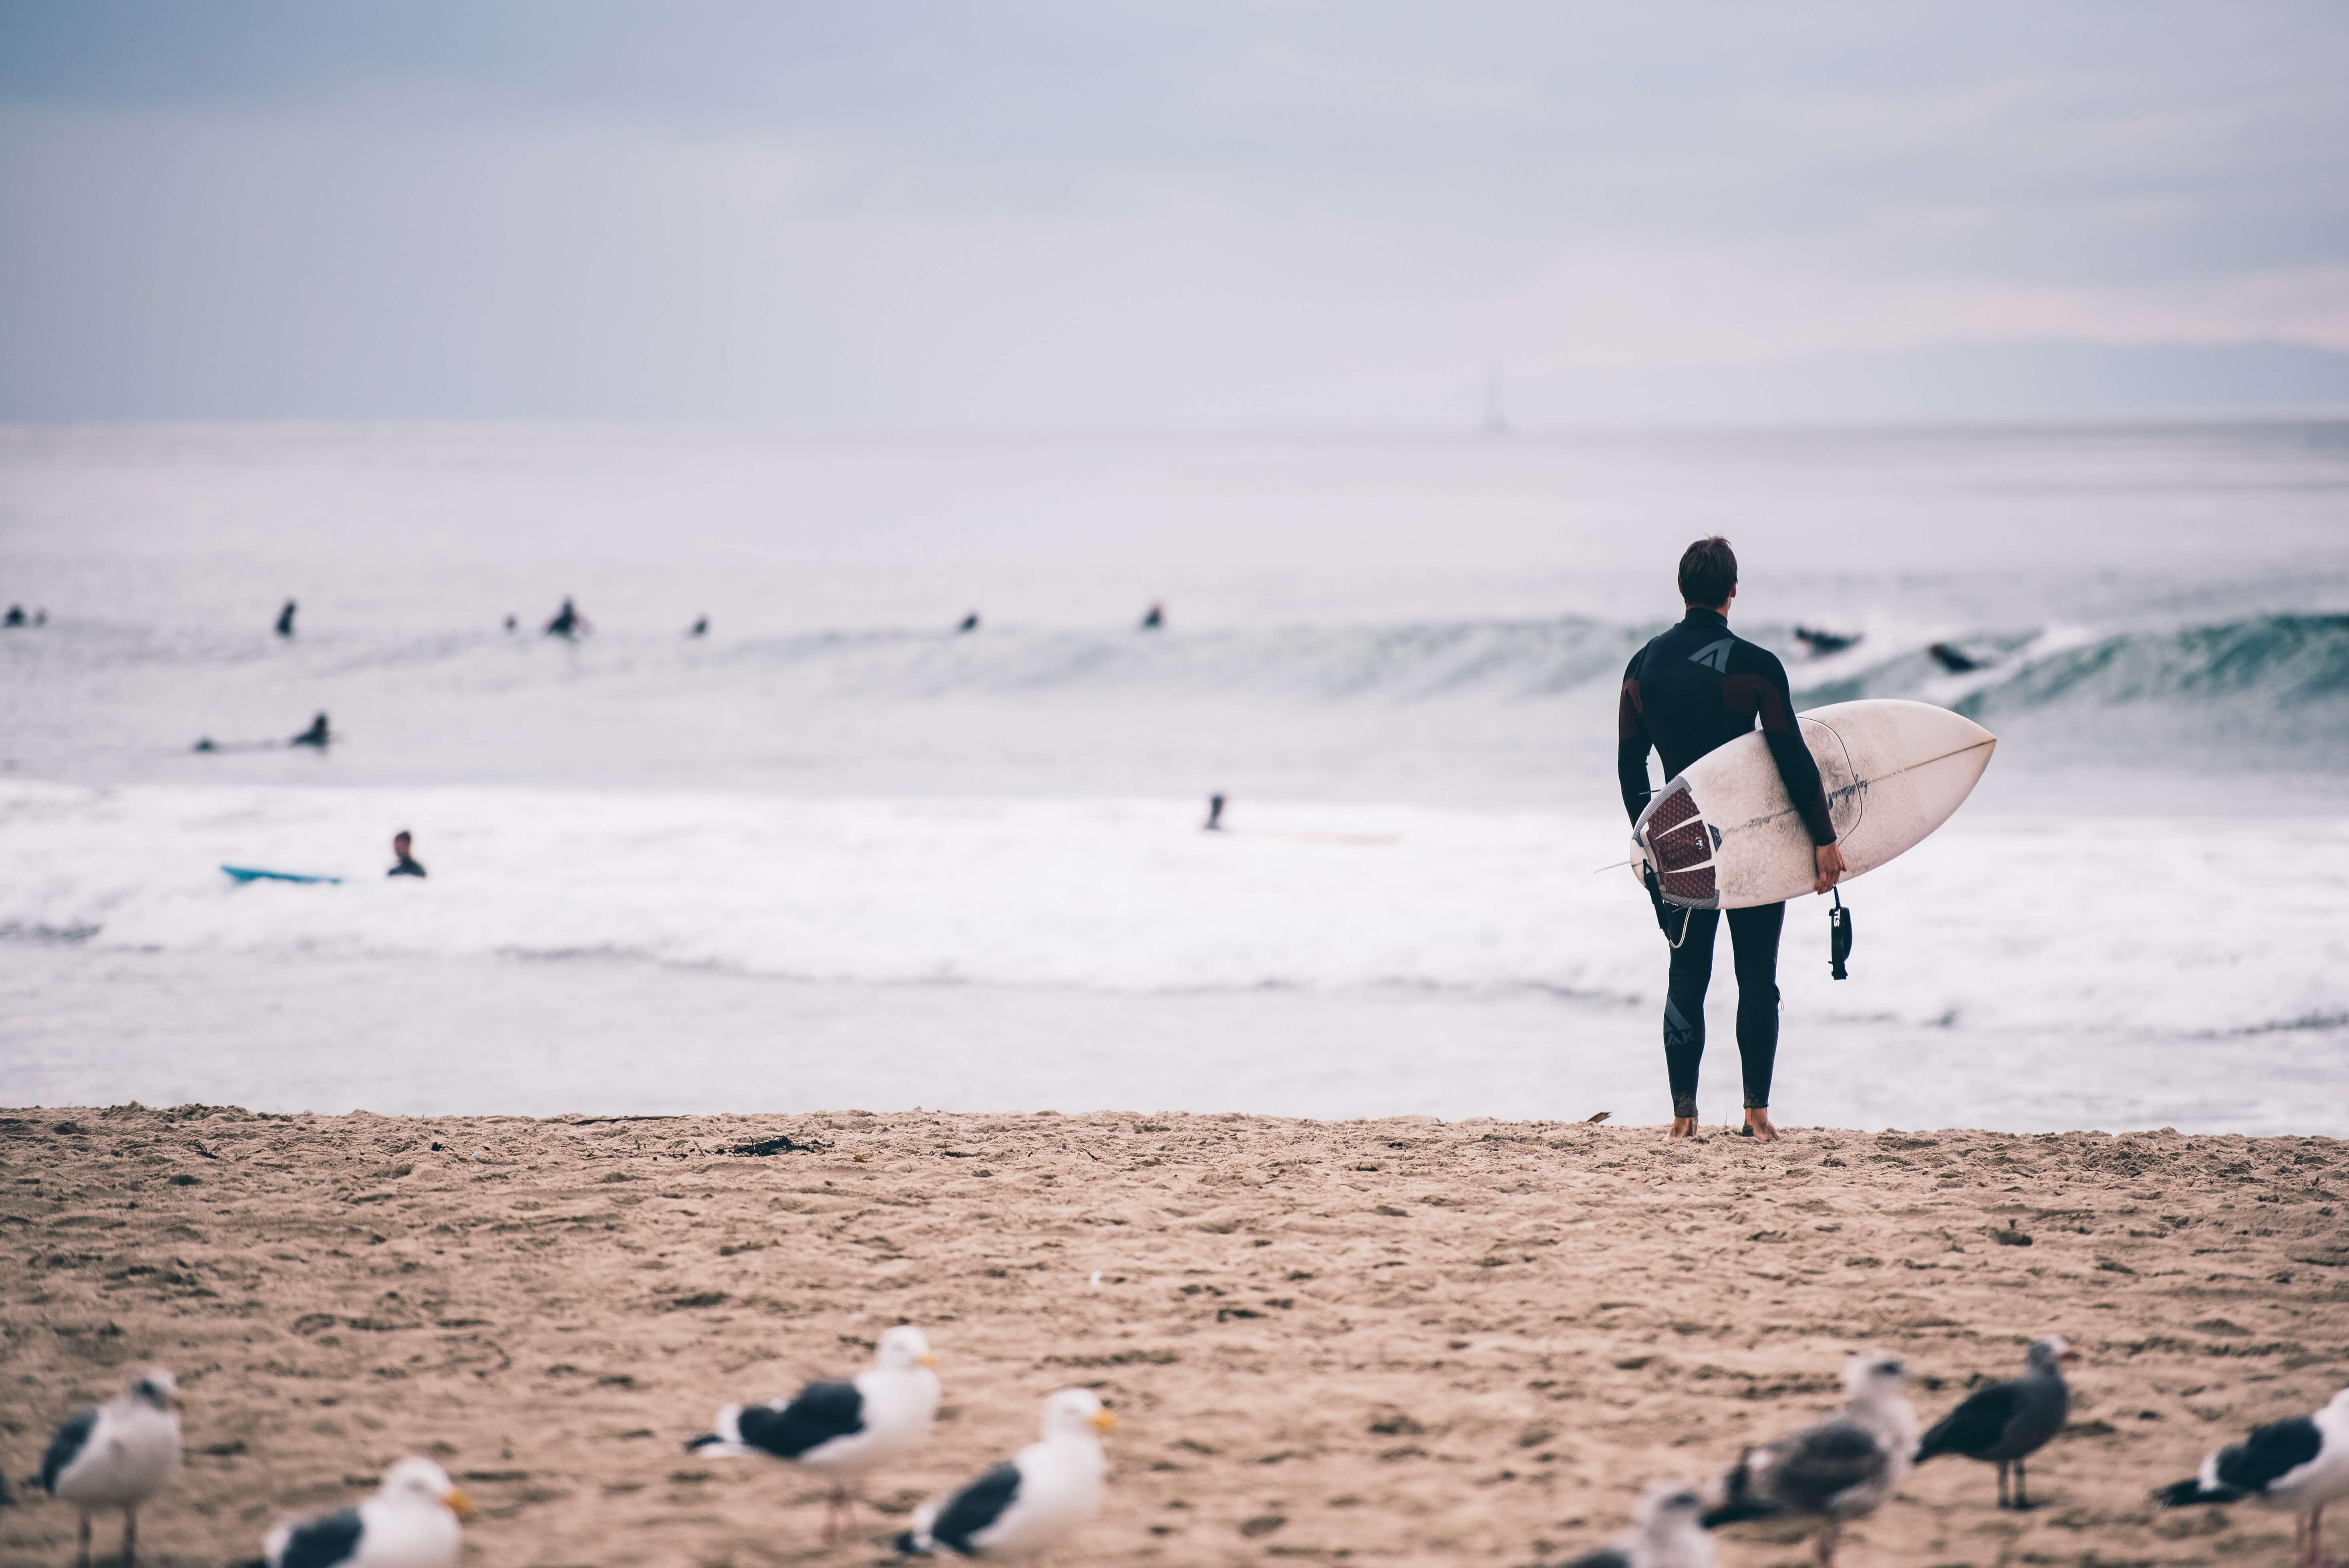 Actie-vogels-surfen